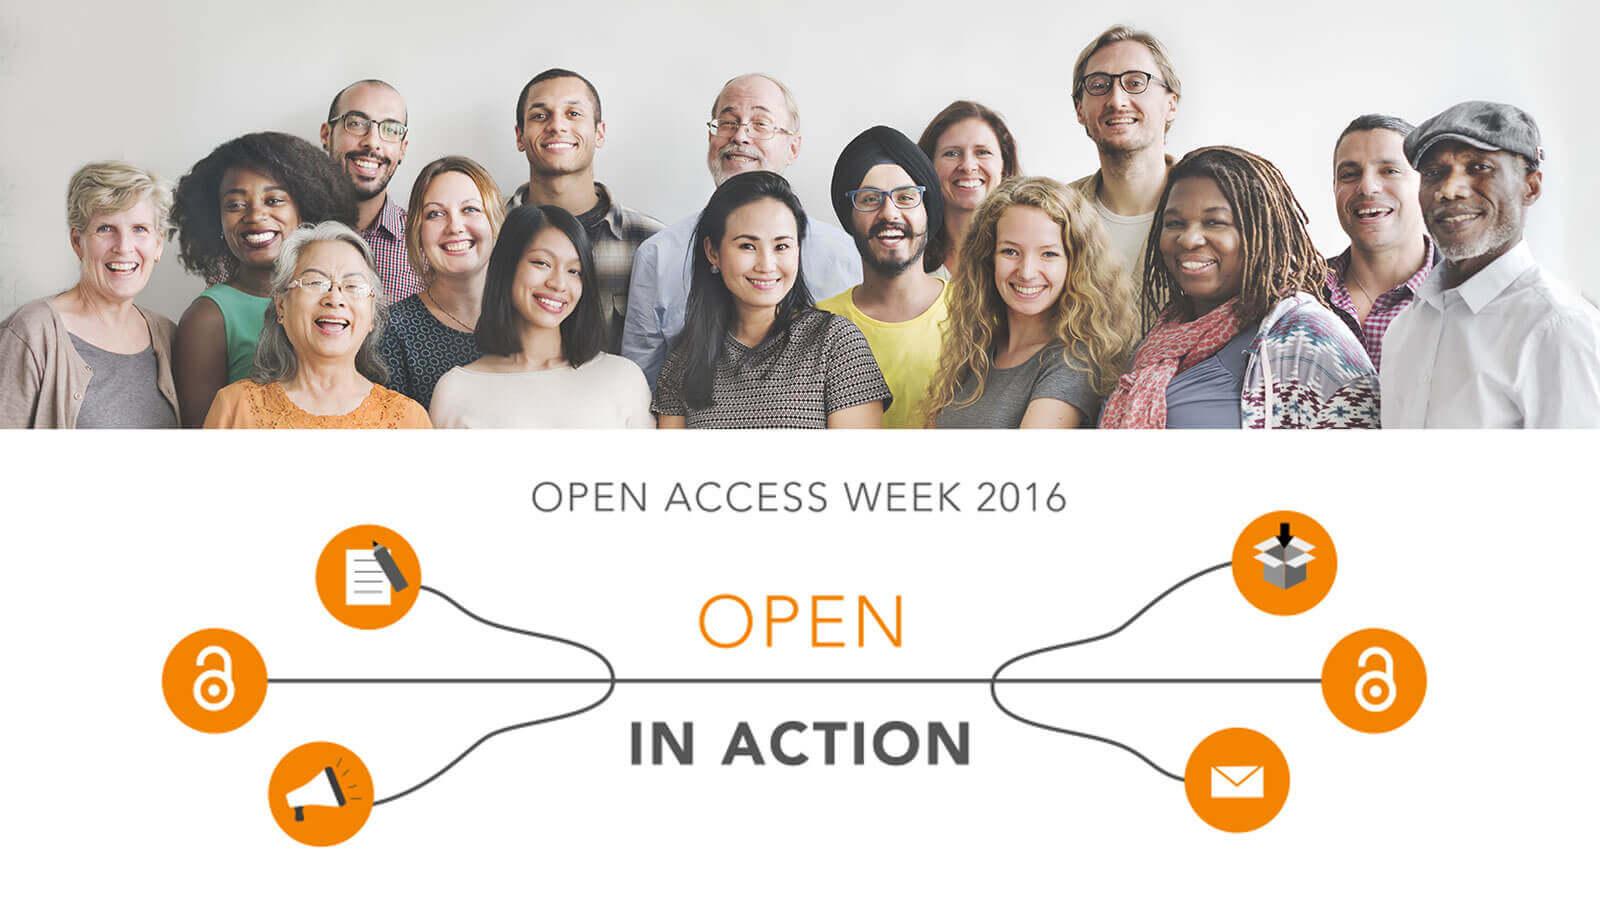 Open Access Week 2016